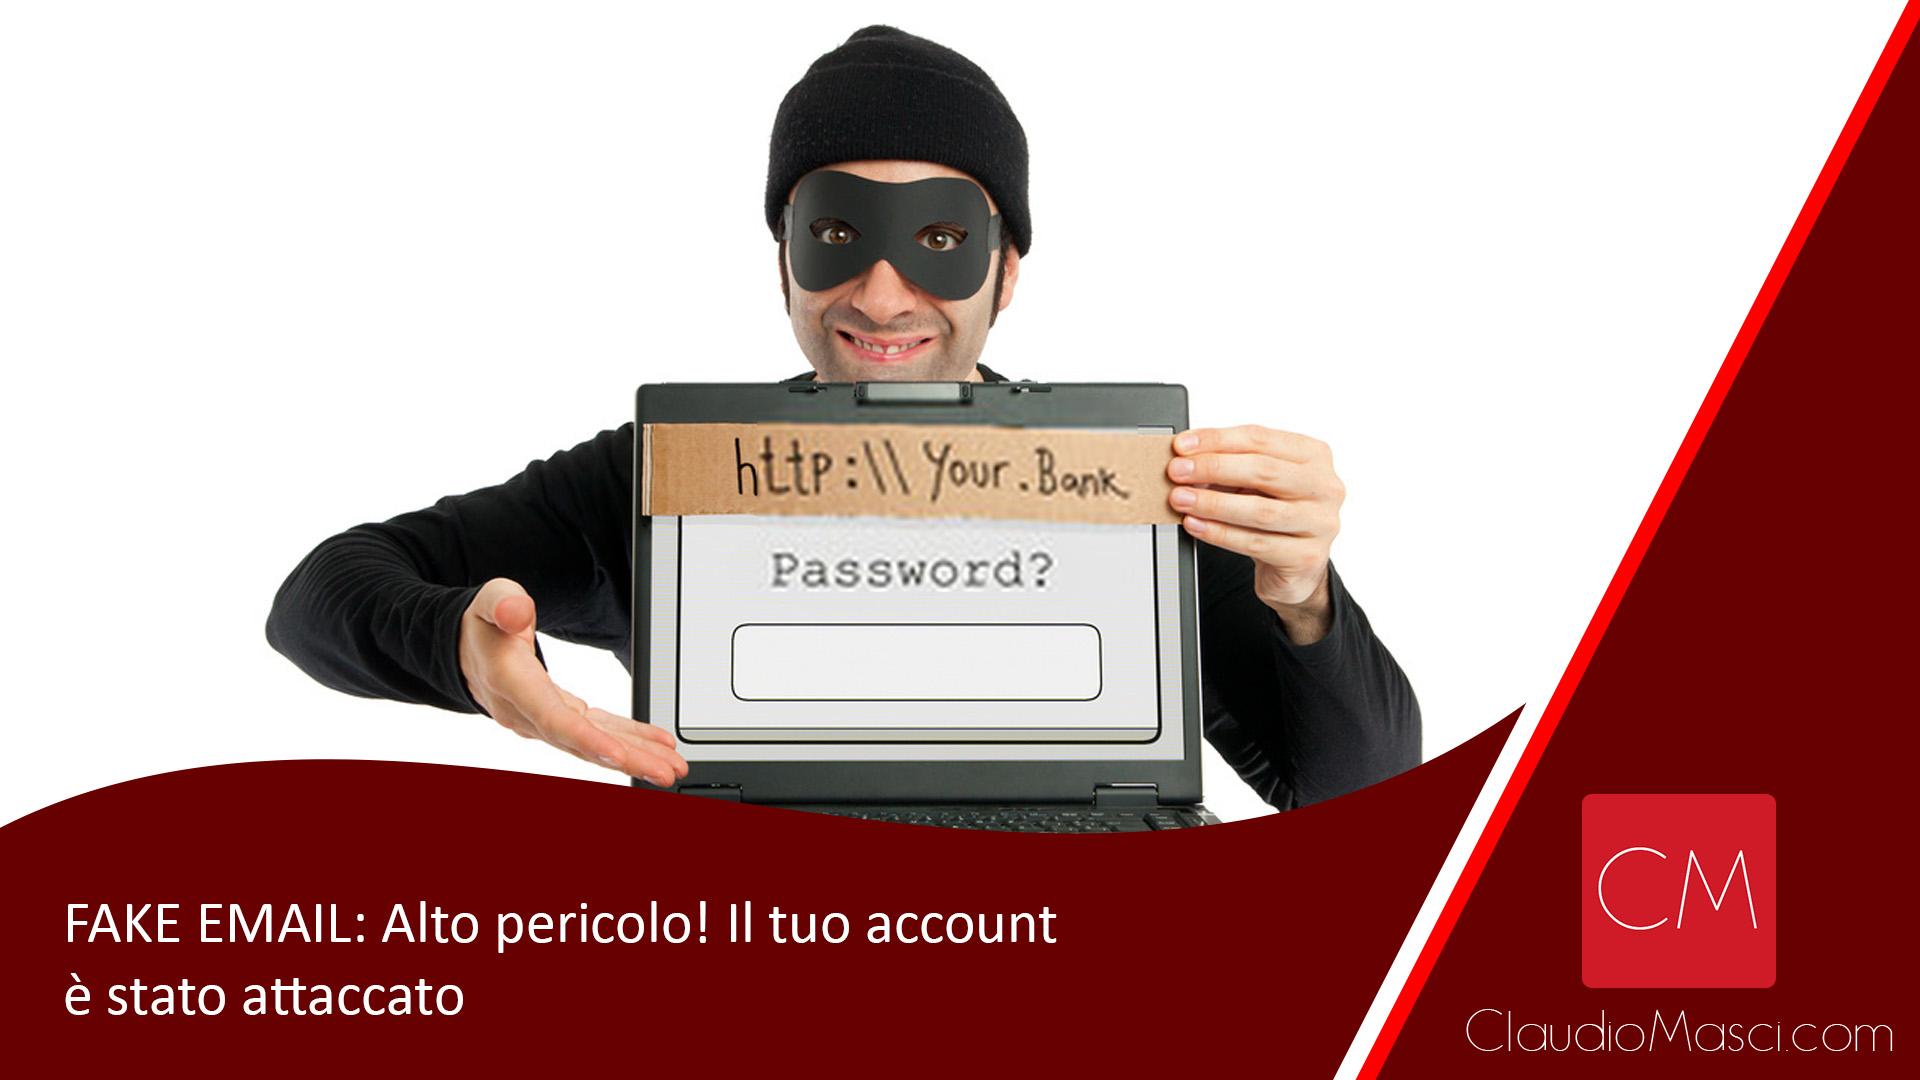 FAKE EMAIL: Alto pericolo! Il tuo account e stato attaccato